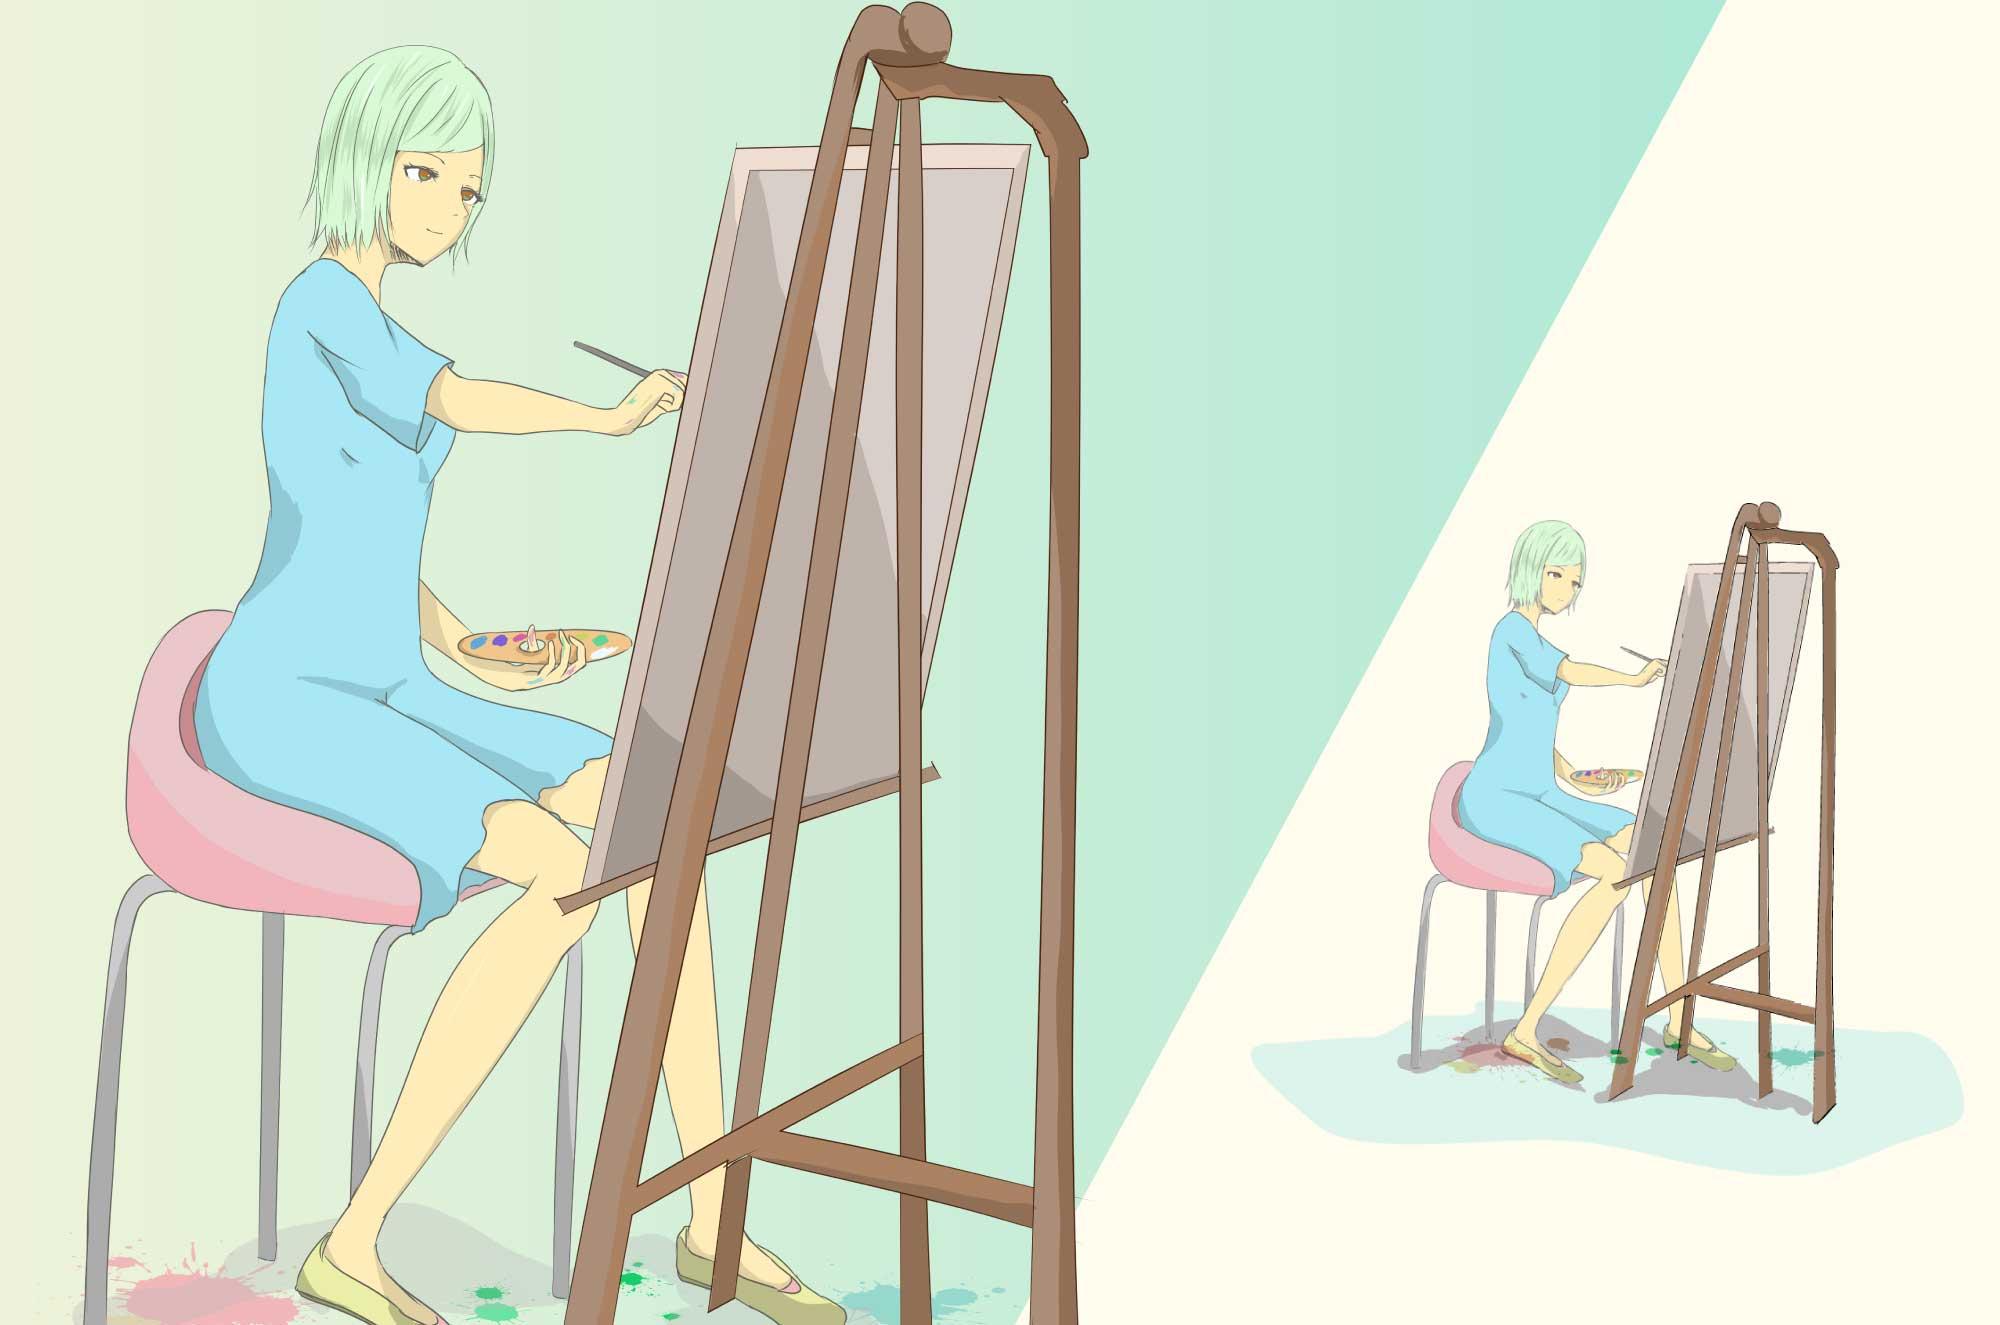 画家のフリーイラスト - 絵描きの職業キャラクター